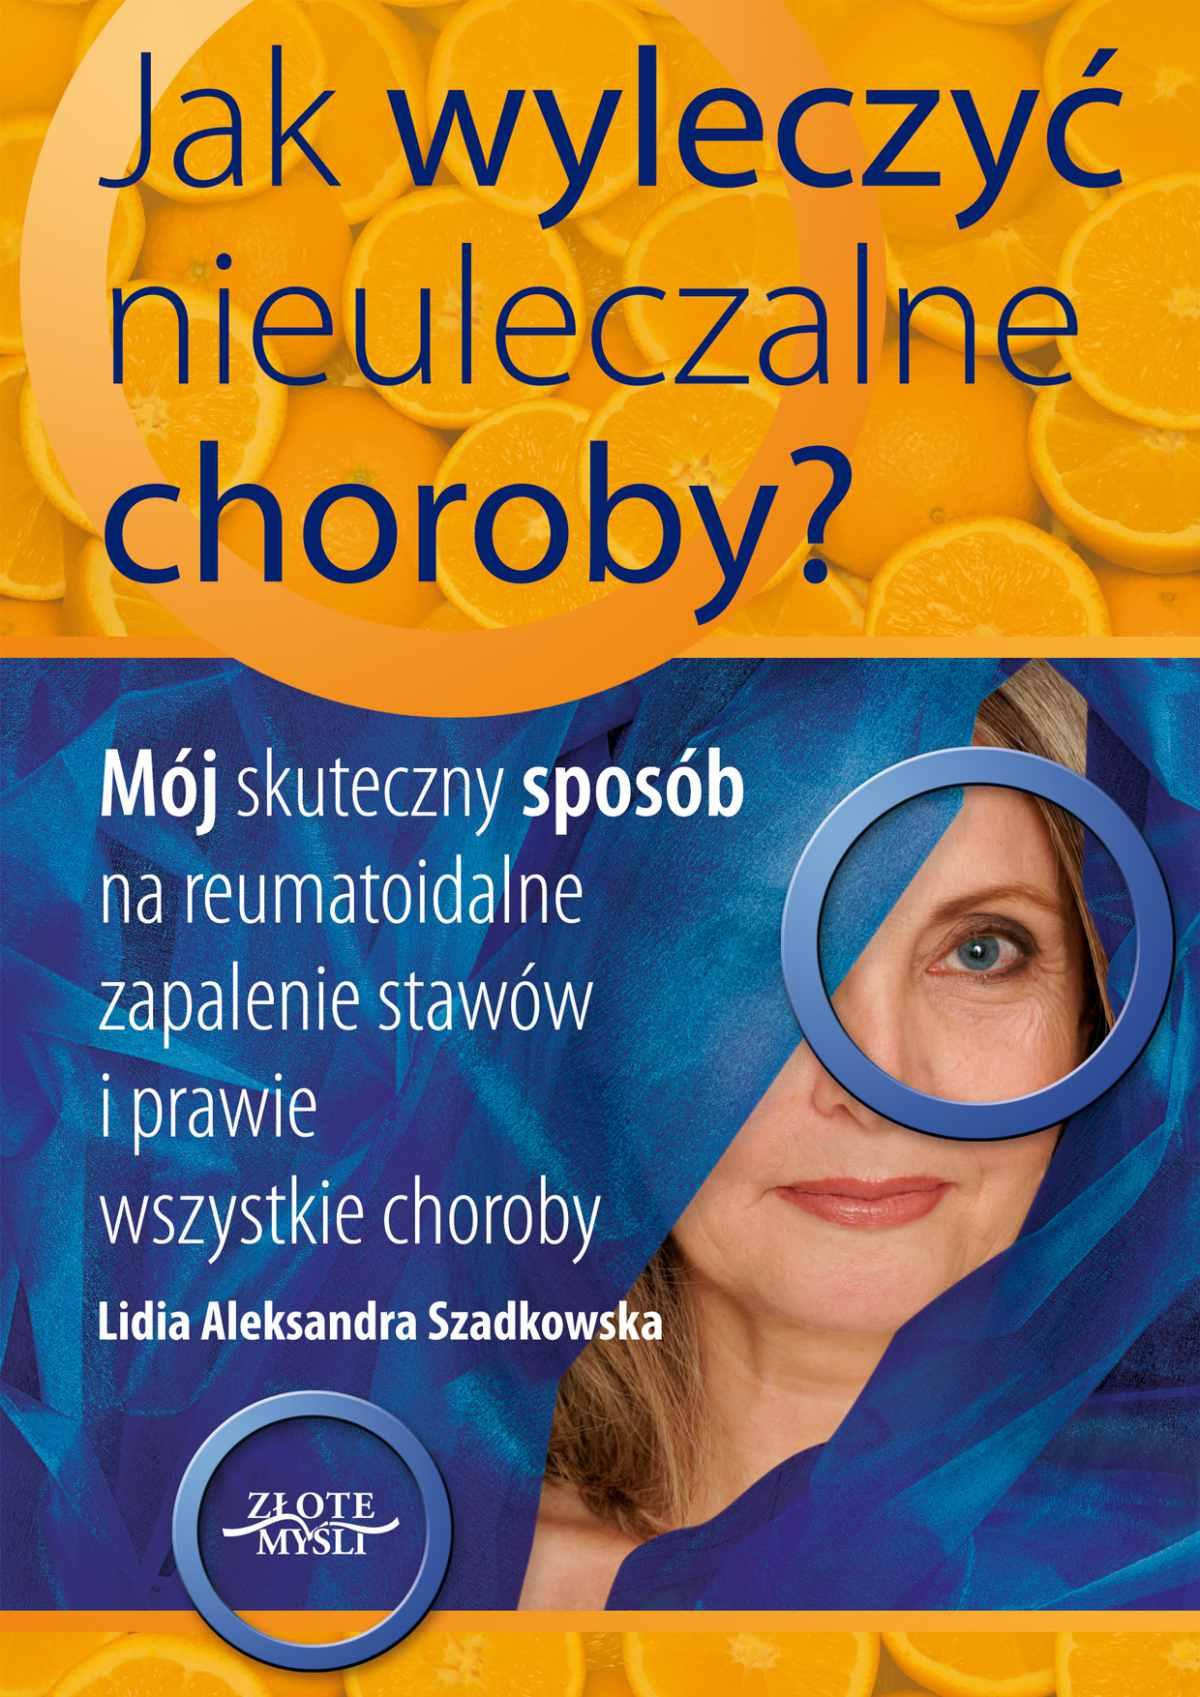 Jak wyleczyć nieuleczalne choroby - Ebook (Książka na Kindle) do pobrania w formacie MOBI